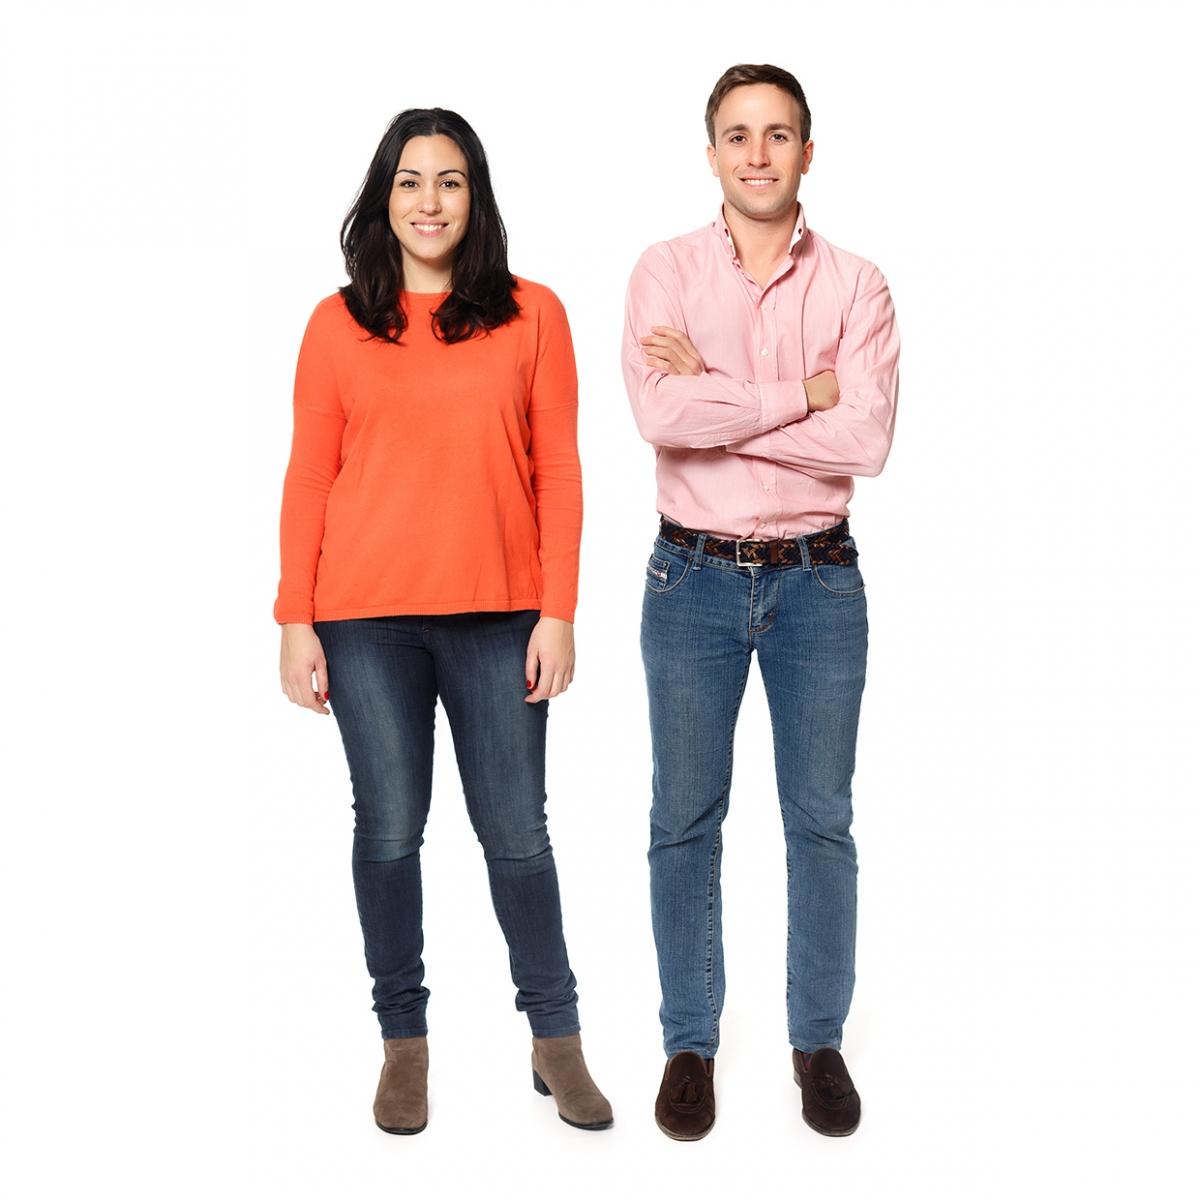 Imagen en la que se ve a un hombre y una mujer adultos de cuerpo entero